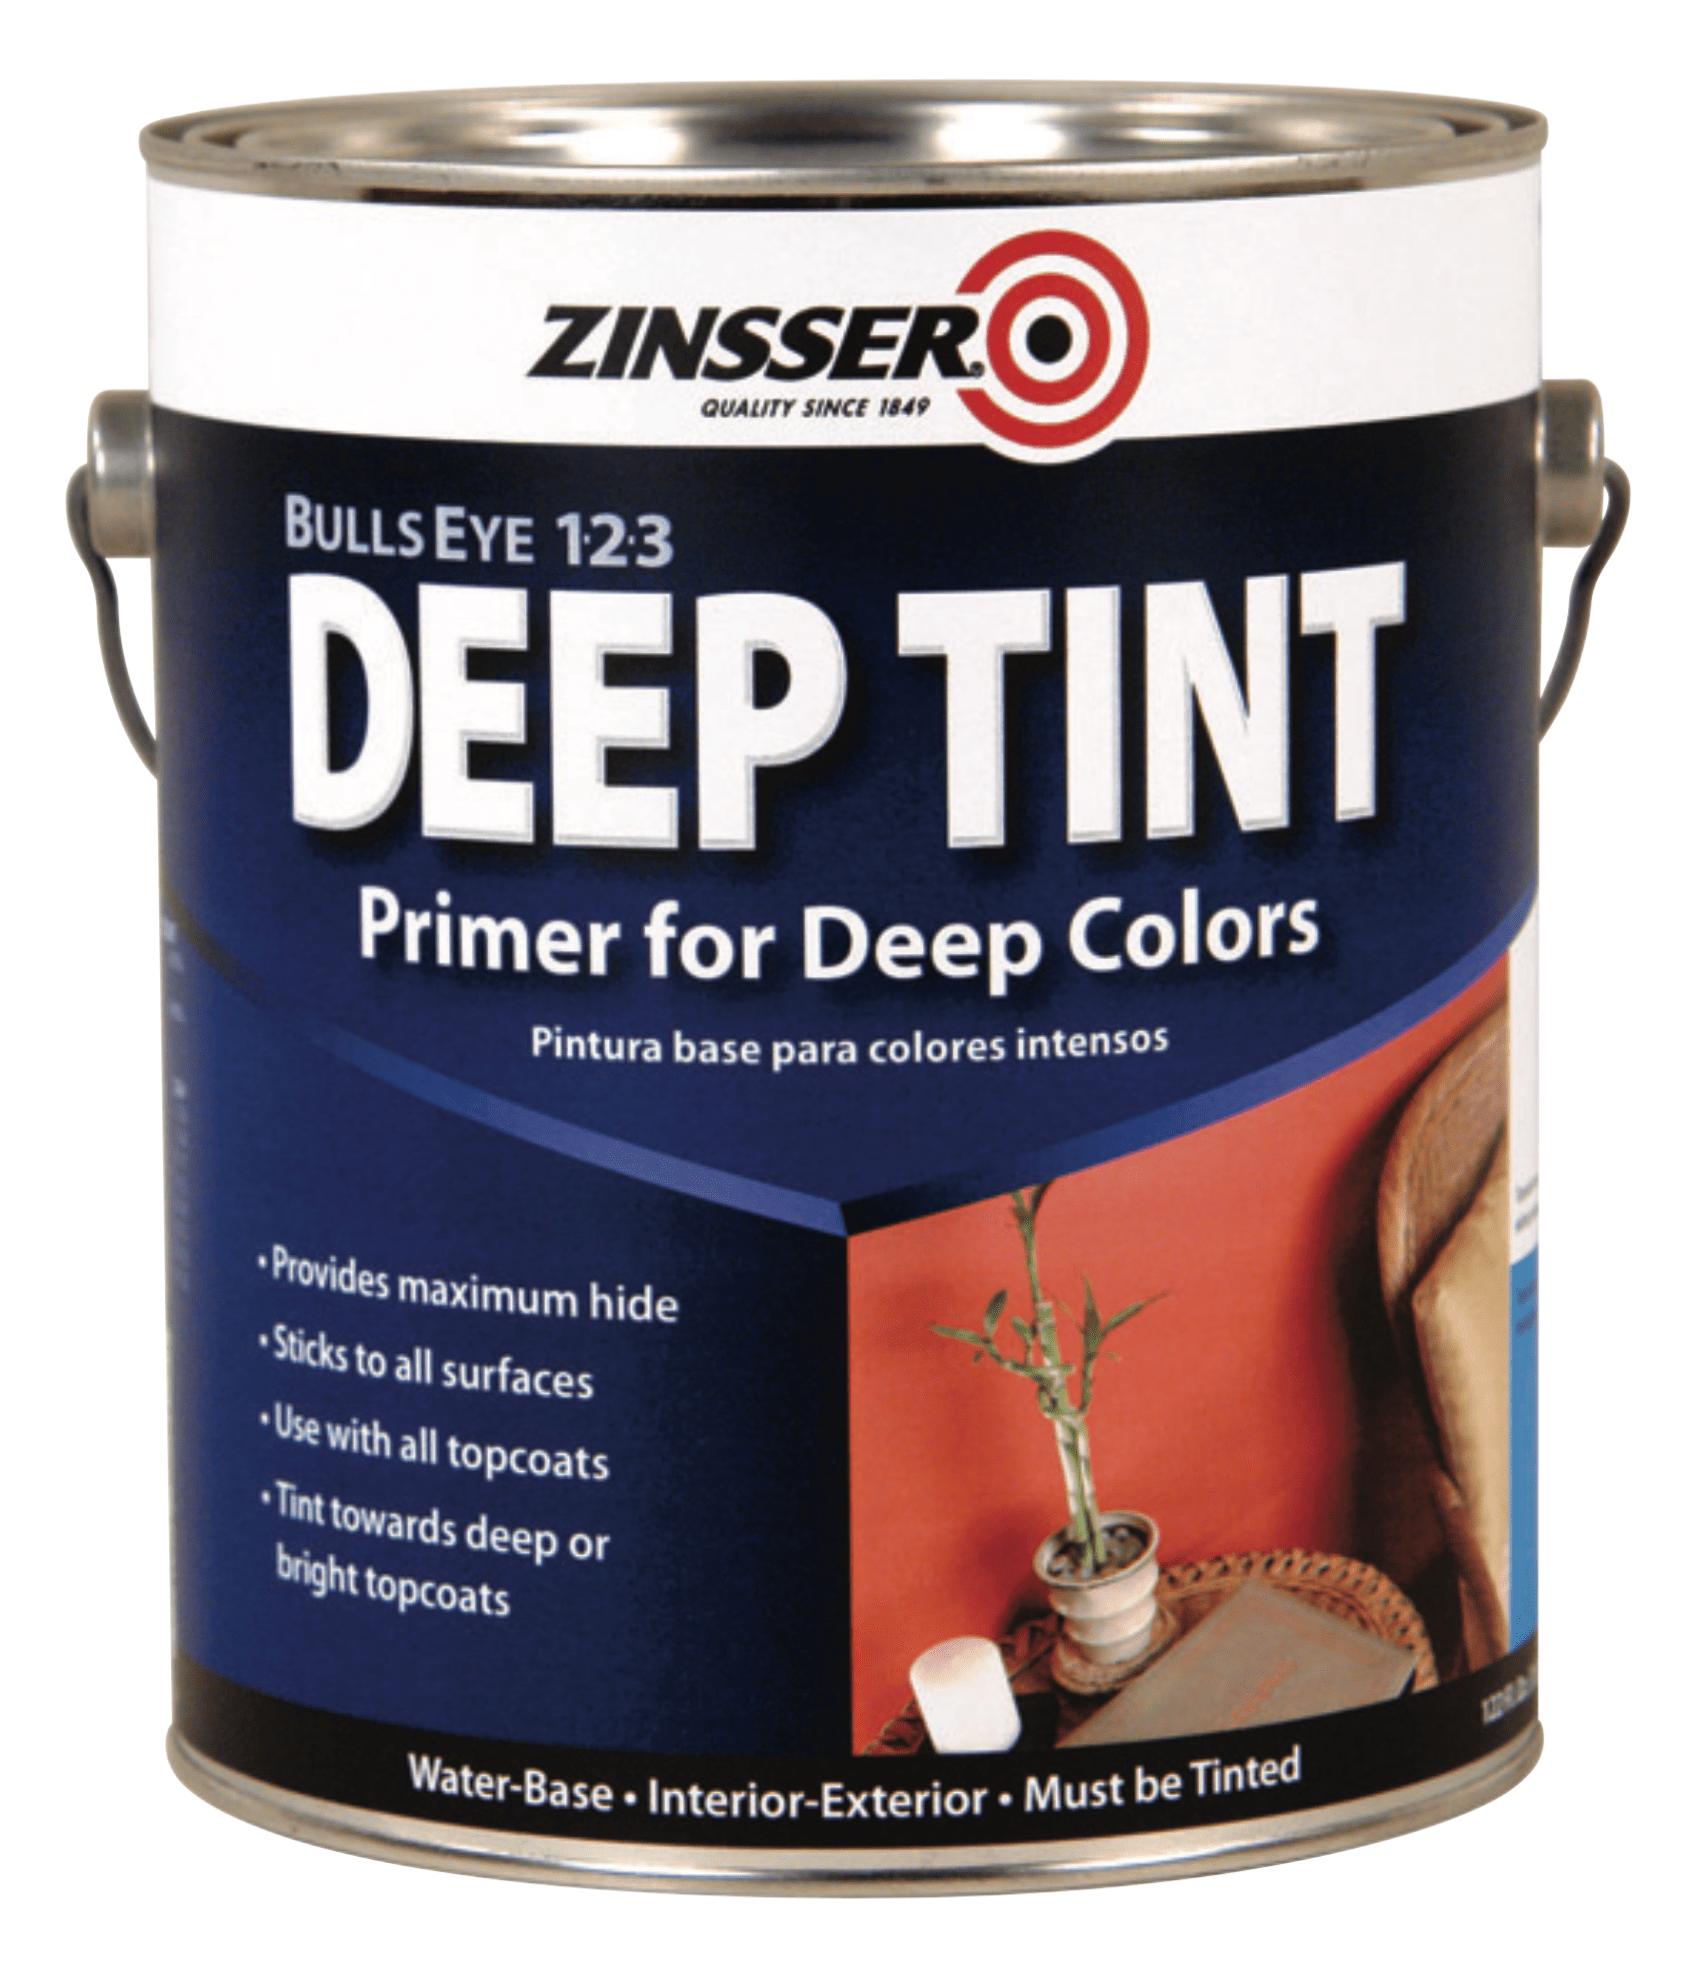 Deep Tint can